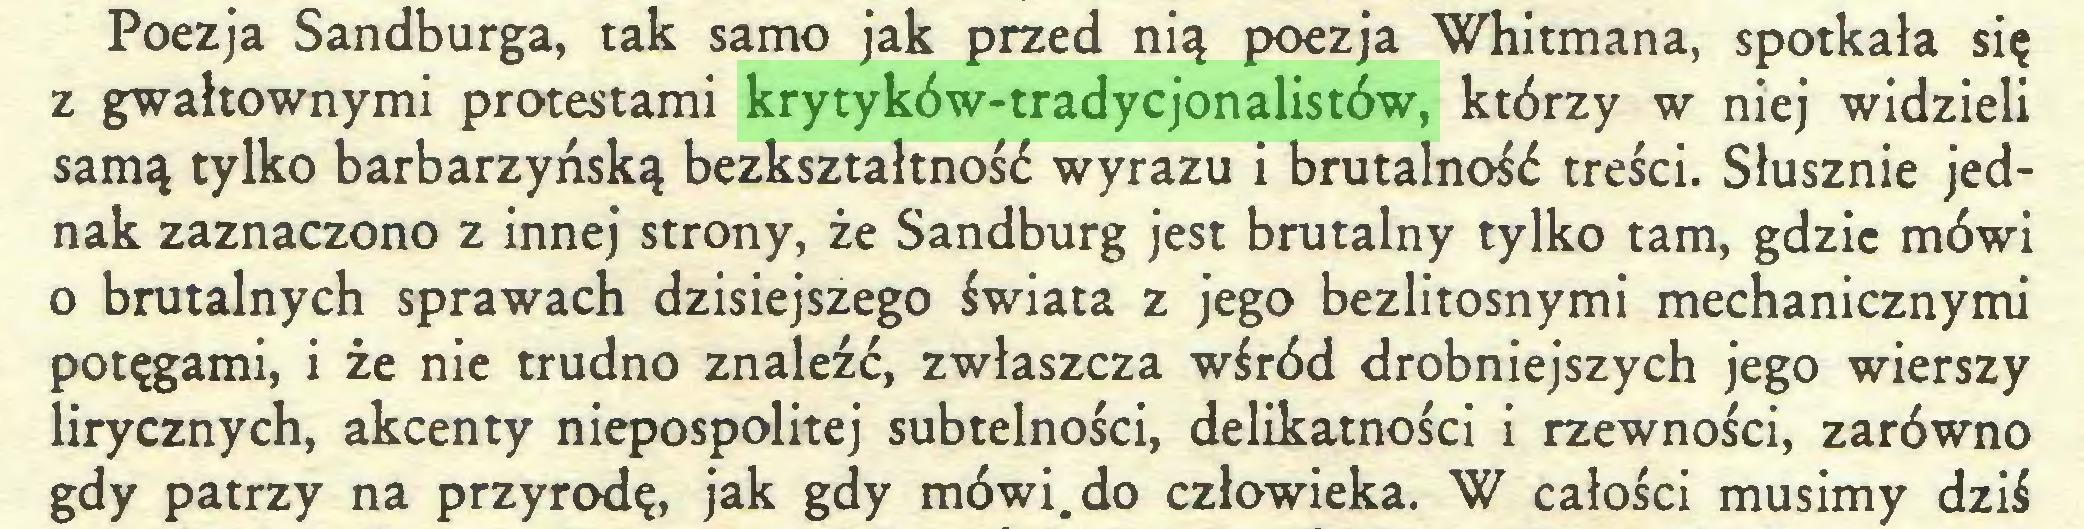 (...) Poezja Sandburga, tak samo jak przed nią poezja Whitmana, spotkała się z gwałtownymi protestami krytyków-tradycjonalistów, którzy w niej widzieli samą tylko barbarzyńską bezksztaltność wyrazu i brutalność treści. Słusznie jednak zaznaczono z innej strony, że Sandburg jest brutalny tylko tam, gdzie mówi o brutalnych sprawach dzisiejszego świata z jego bezlitosnymi mechanicznymi potęgami, i że nie trudno znaleźć, zwłaszcza wśród drobniejszych jego wierszy lirycznych, akcenty niepospolitej subtelności, delikatności i rzewności, zarówno gdy patrzy na przyrodę, jak gdy mówi. do człowieka. W całości musimy dziś...